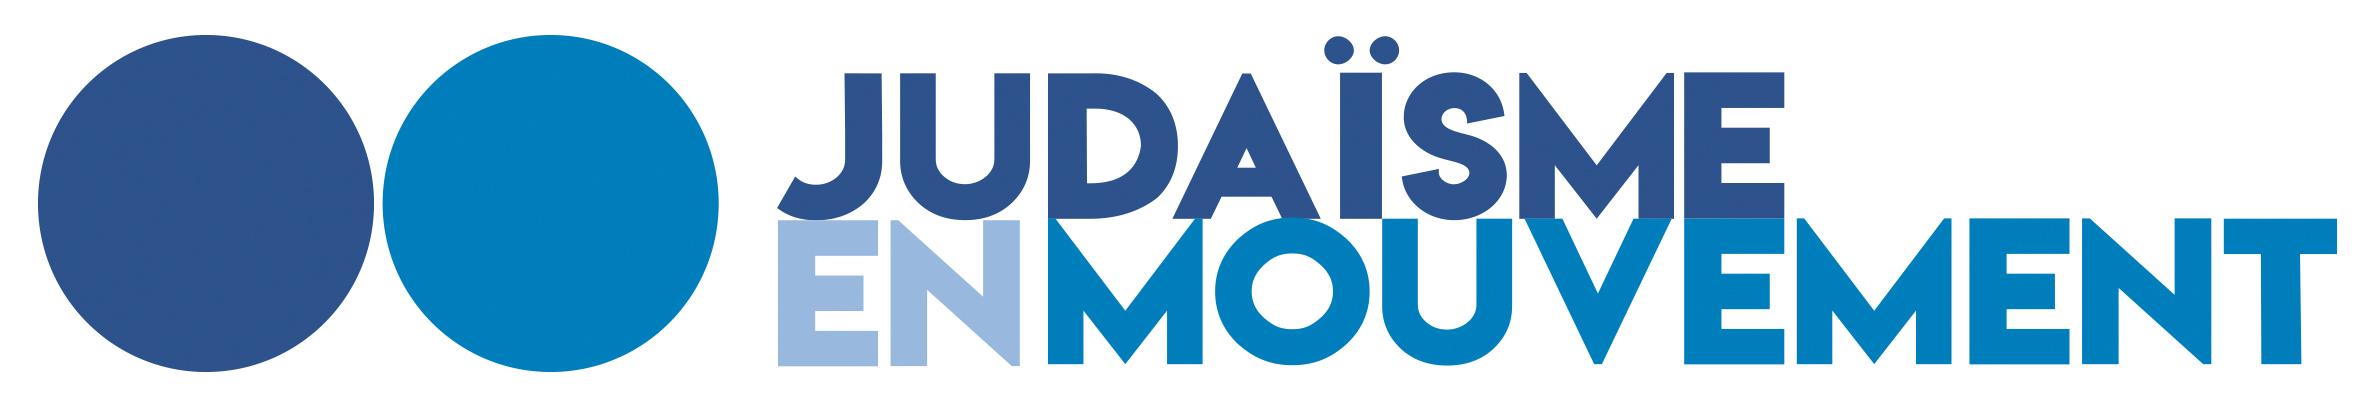 Judaïsme en mouvement